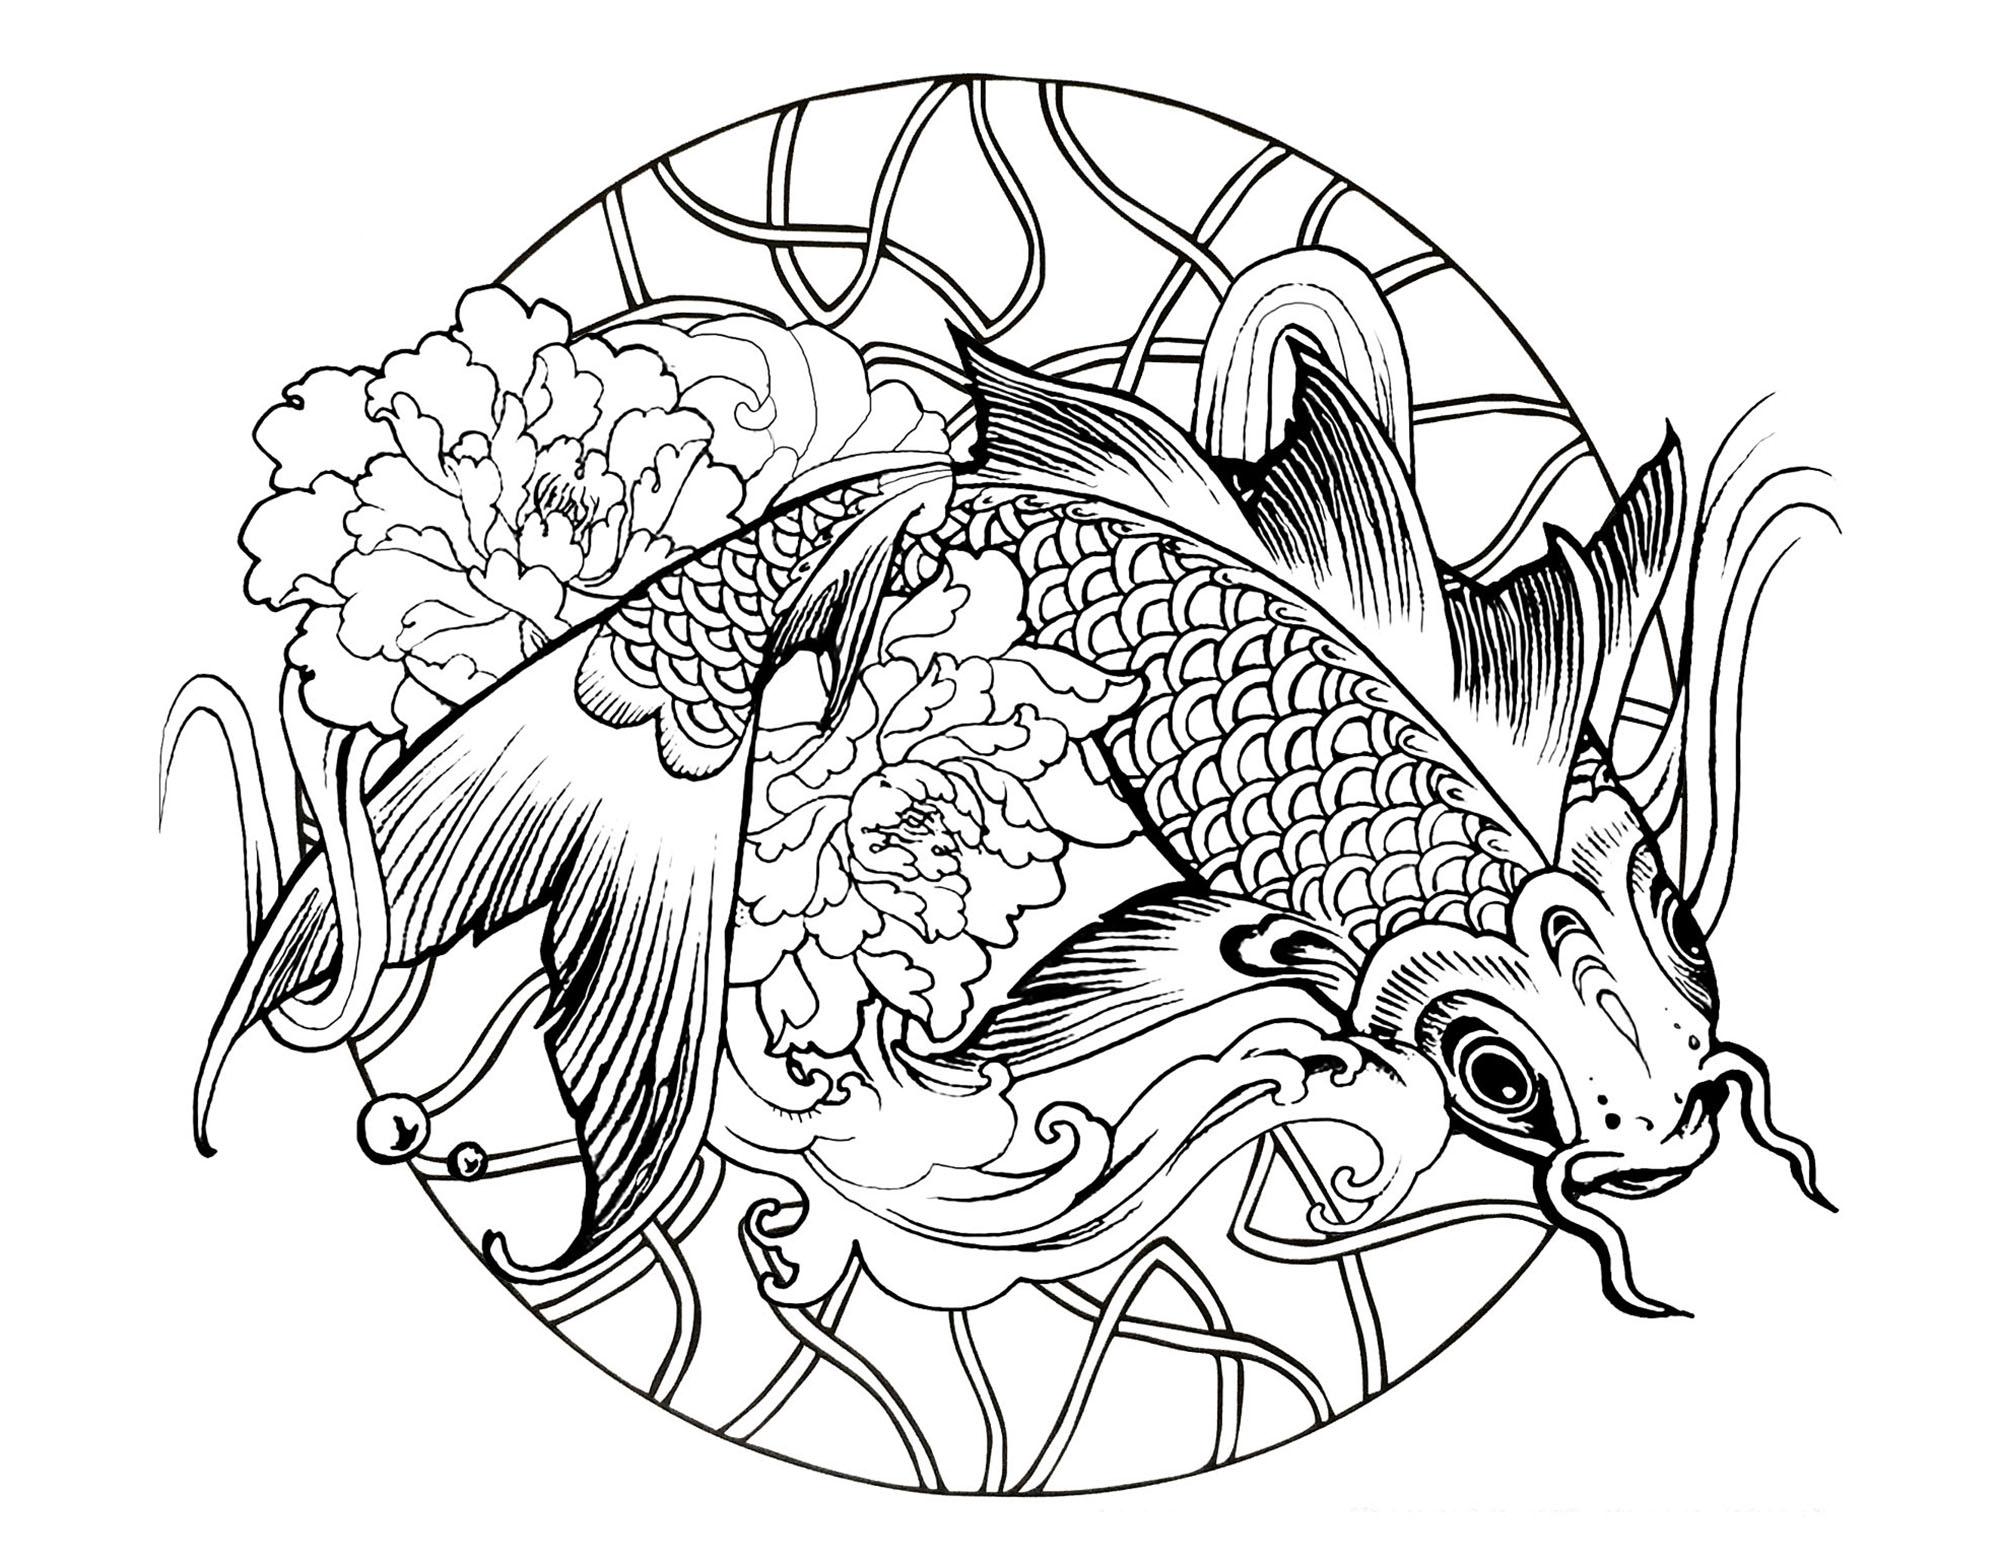 Poisson carpe poissons coloriages difficiles pour adultes - Coloriage de poisson ...